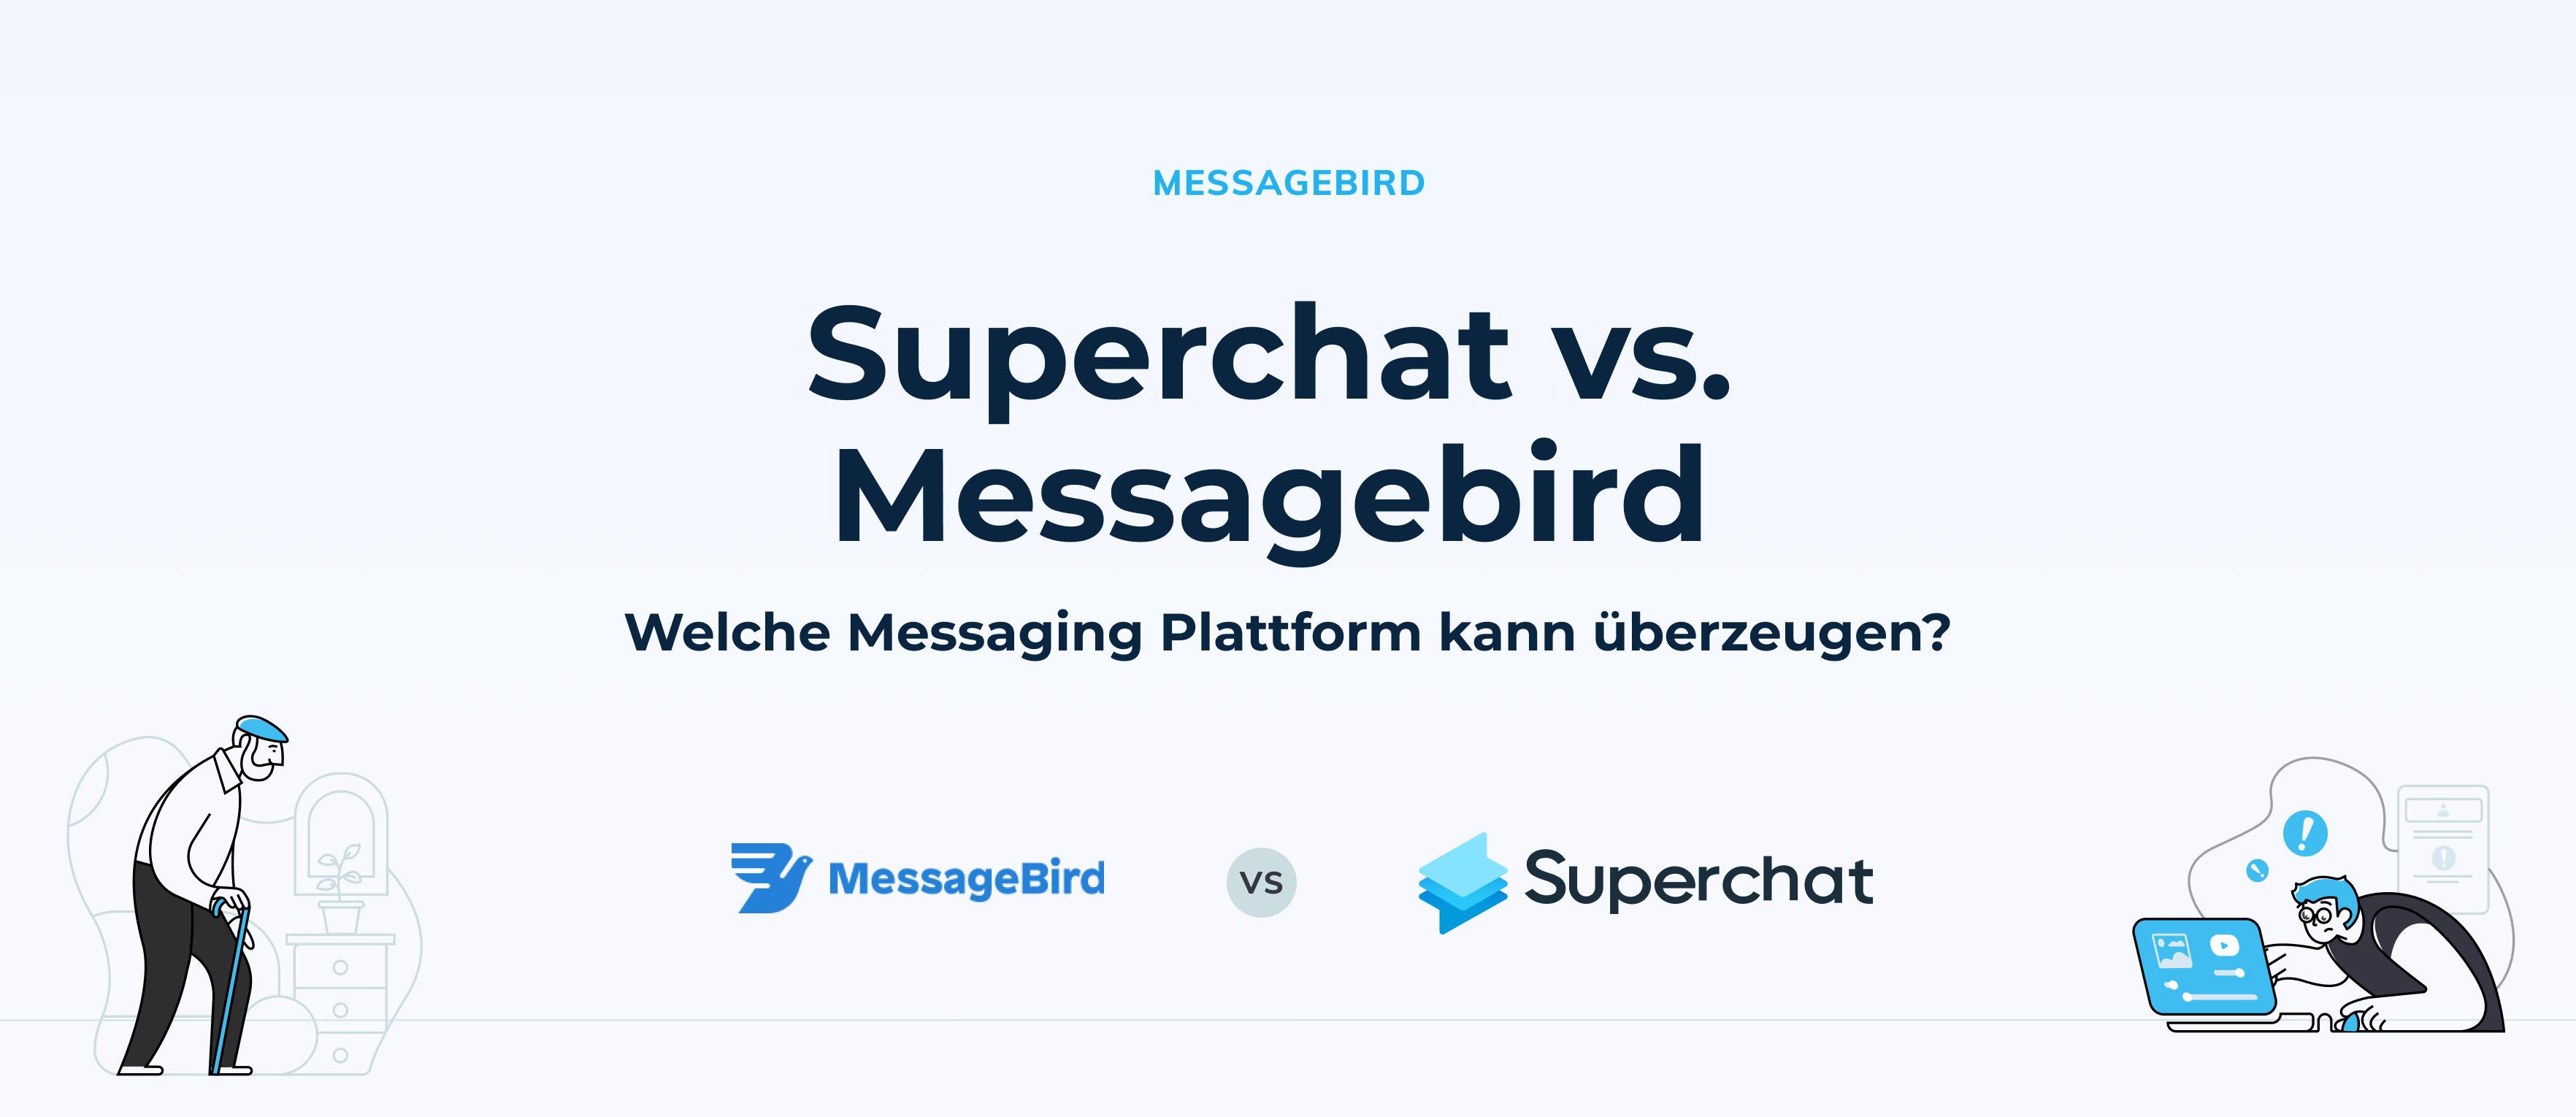 Superchat im Vergleich: Superchat vs. MessageBird